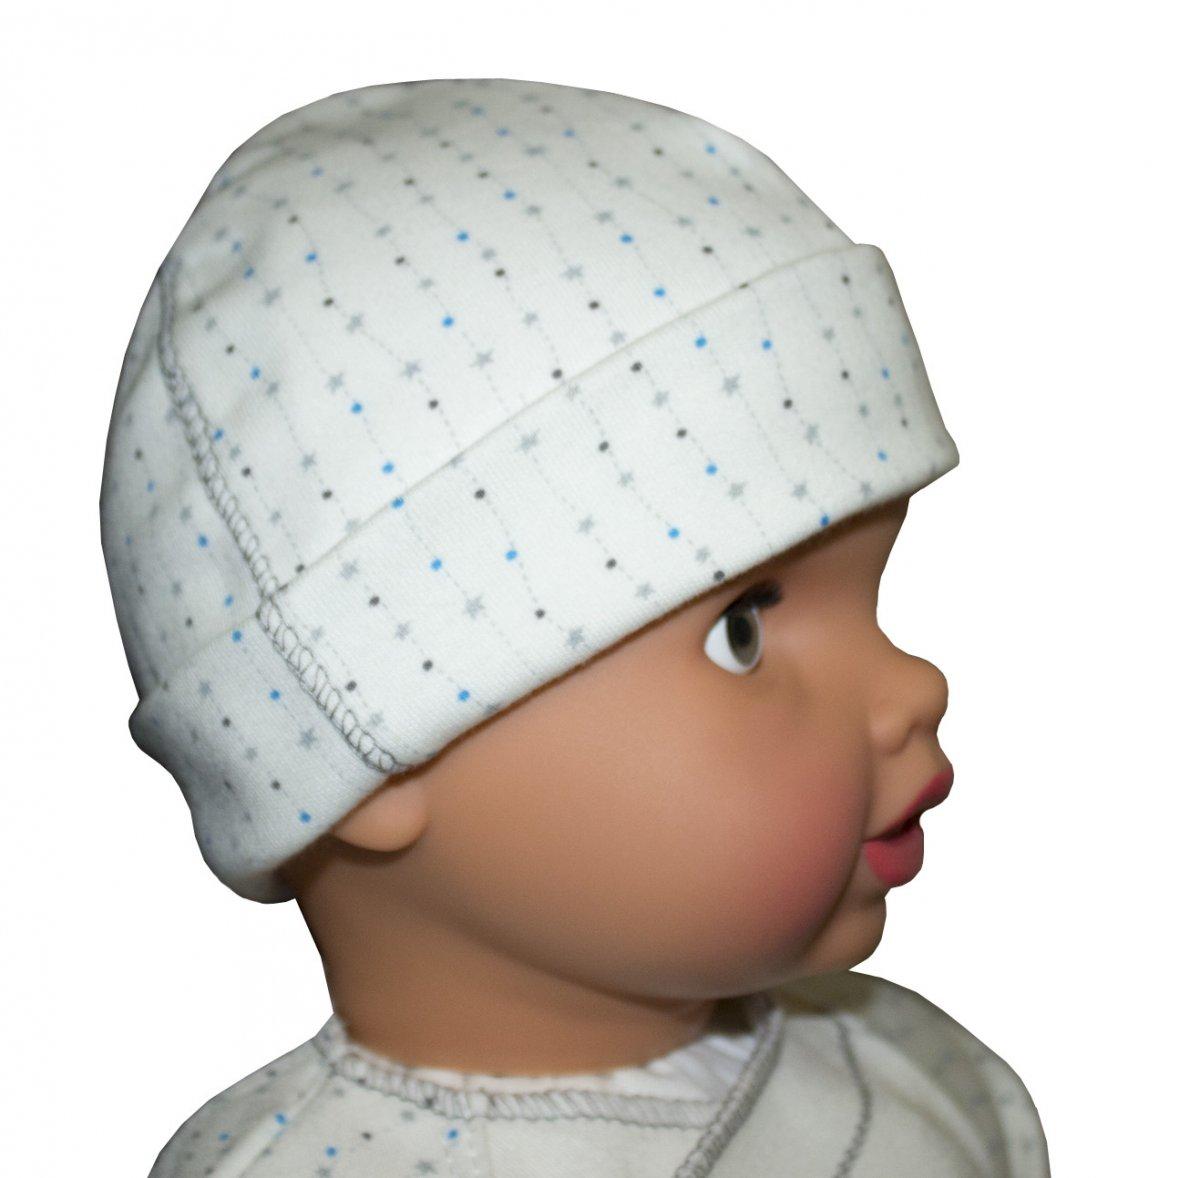 Шапочка детская МалюткаЧепчики, шапочки<br><br><br>Размер: 36